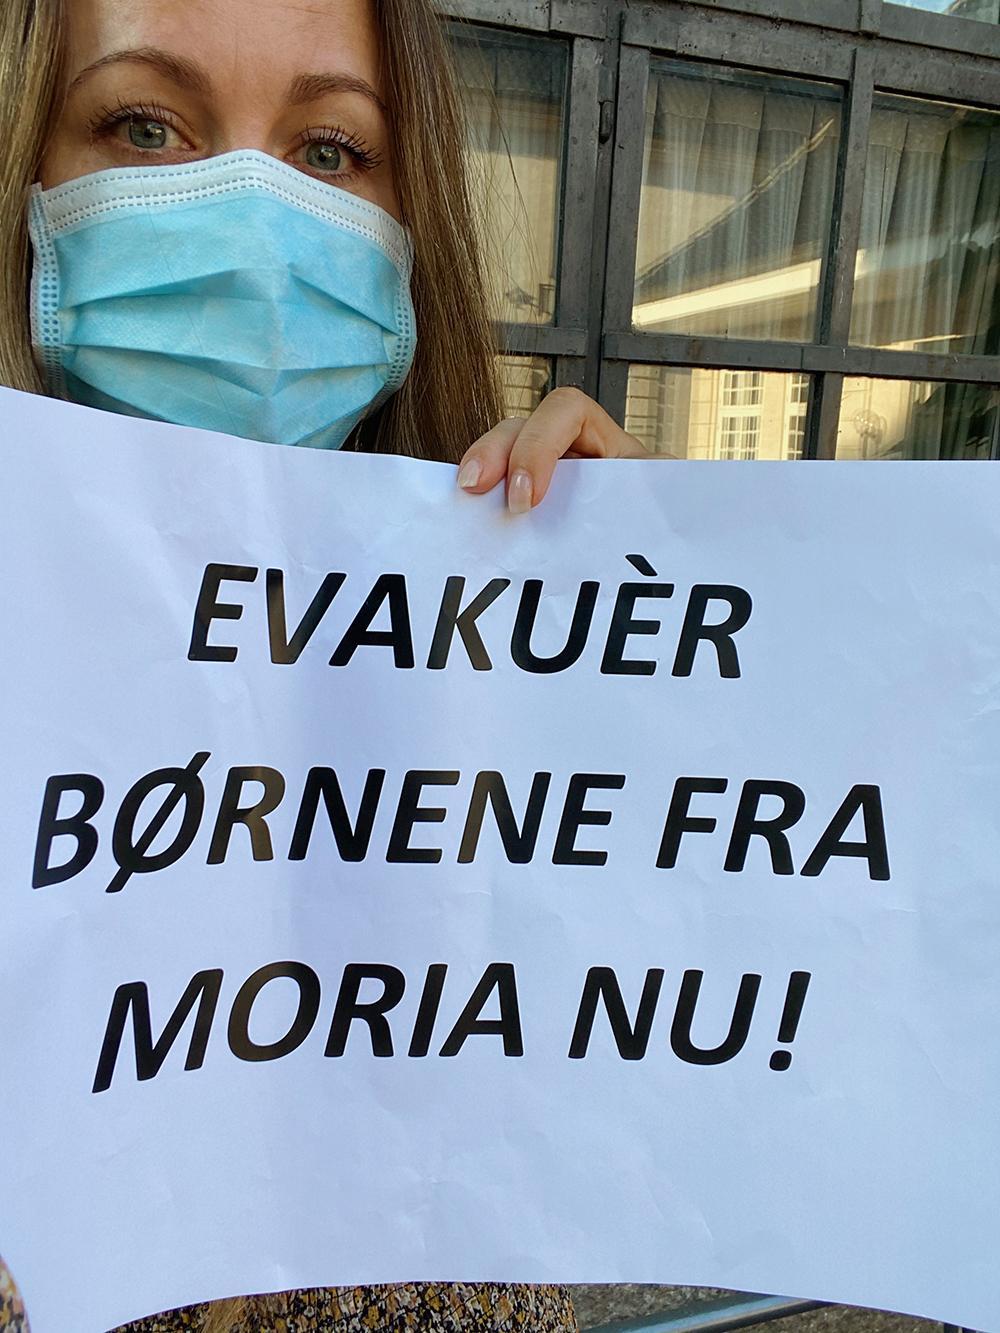 demonstration for børnene i moria